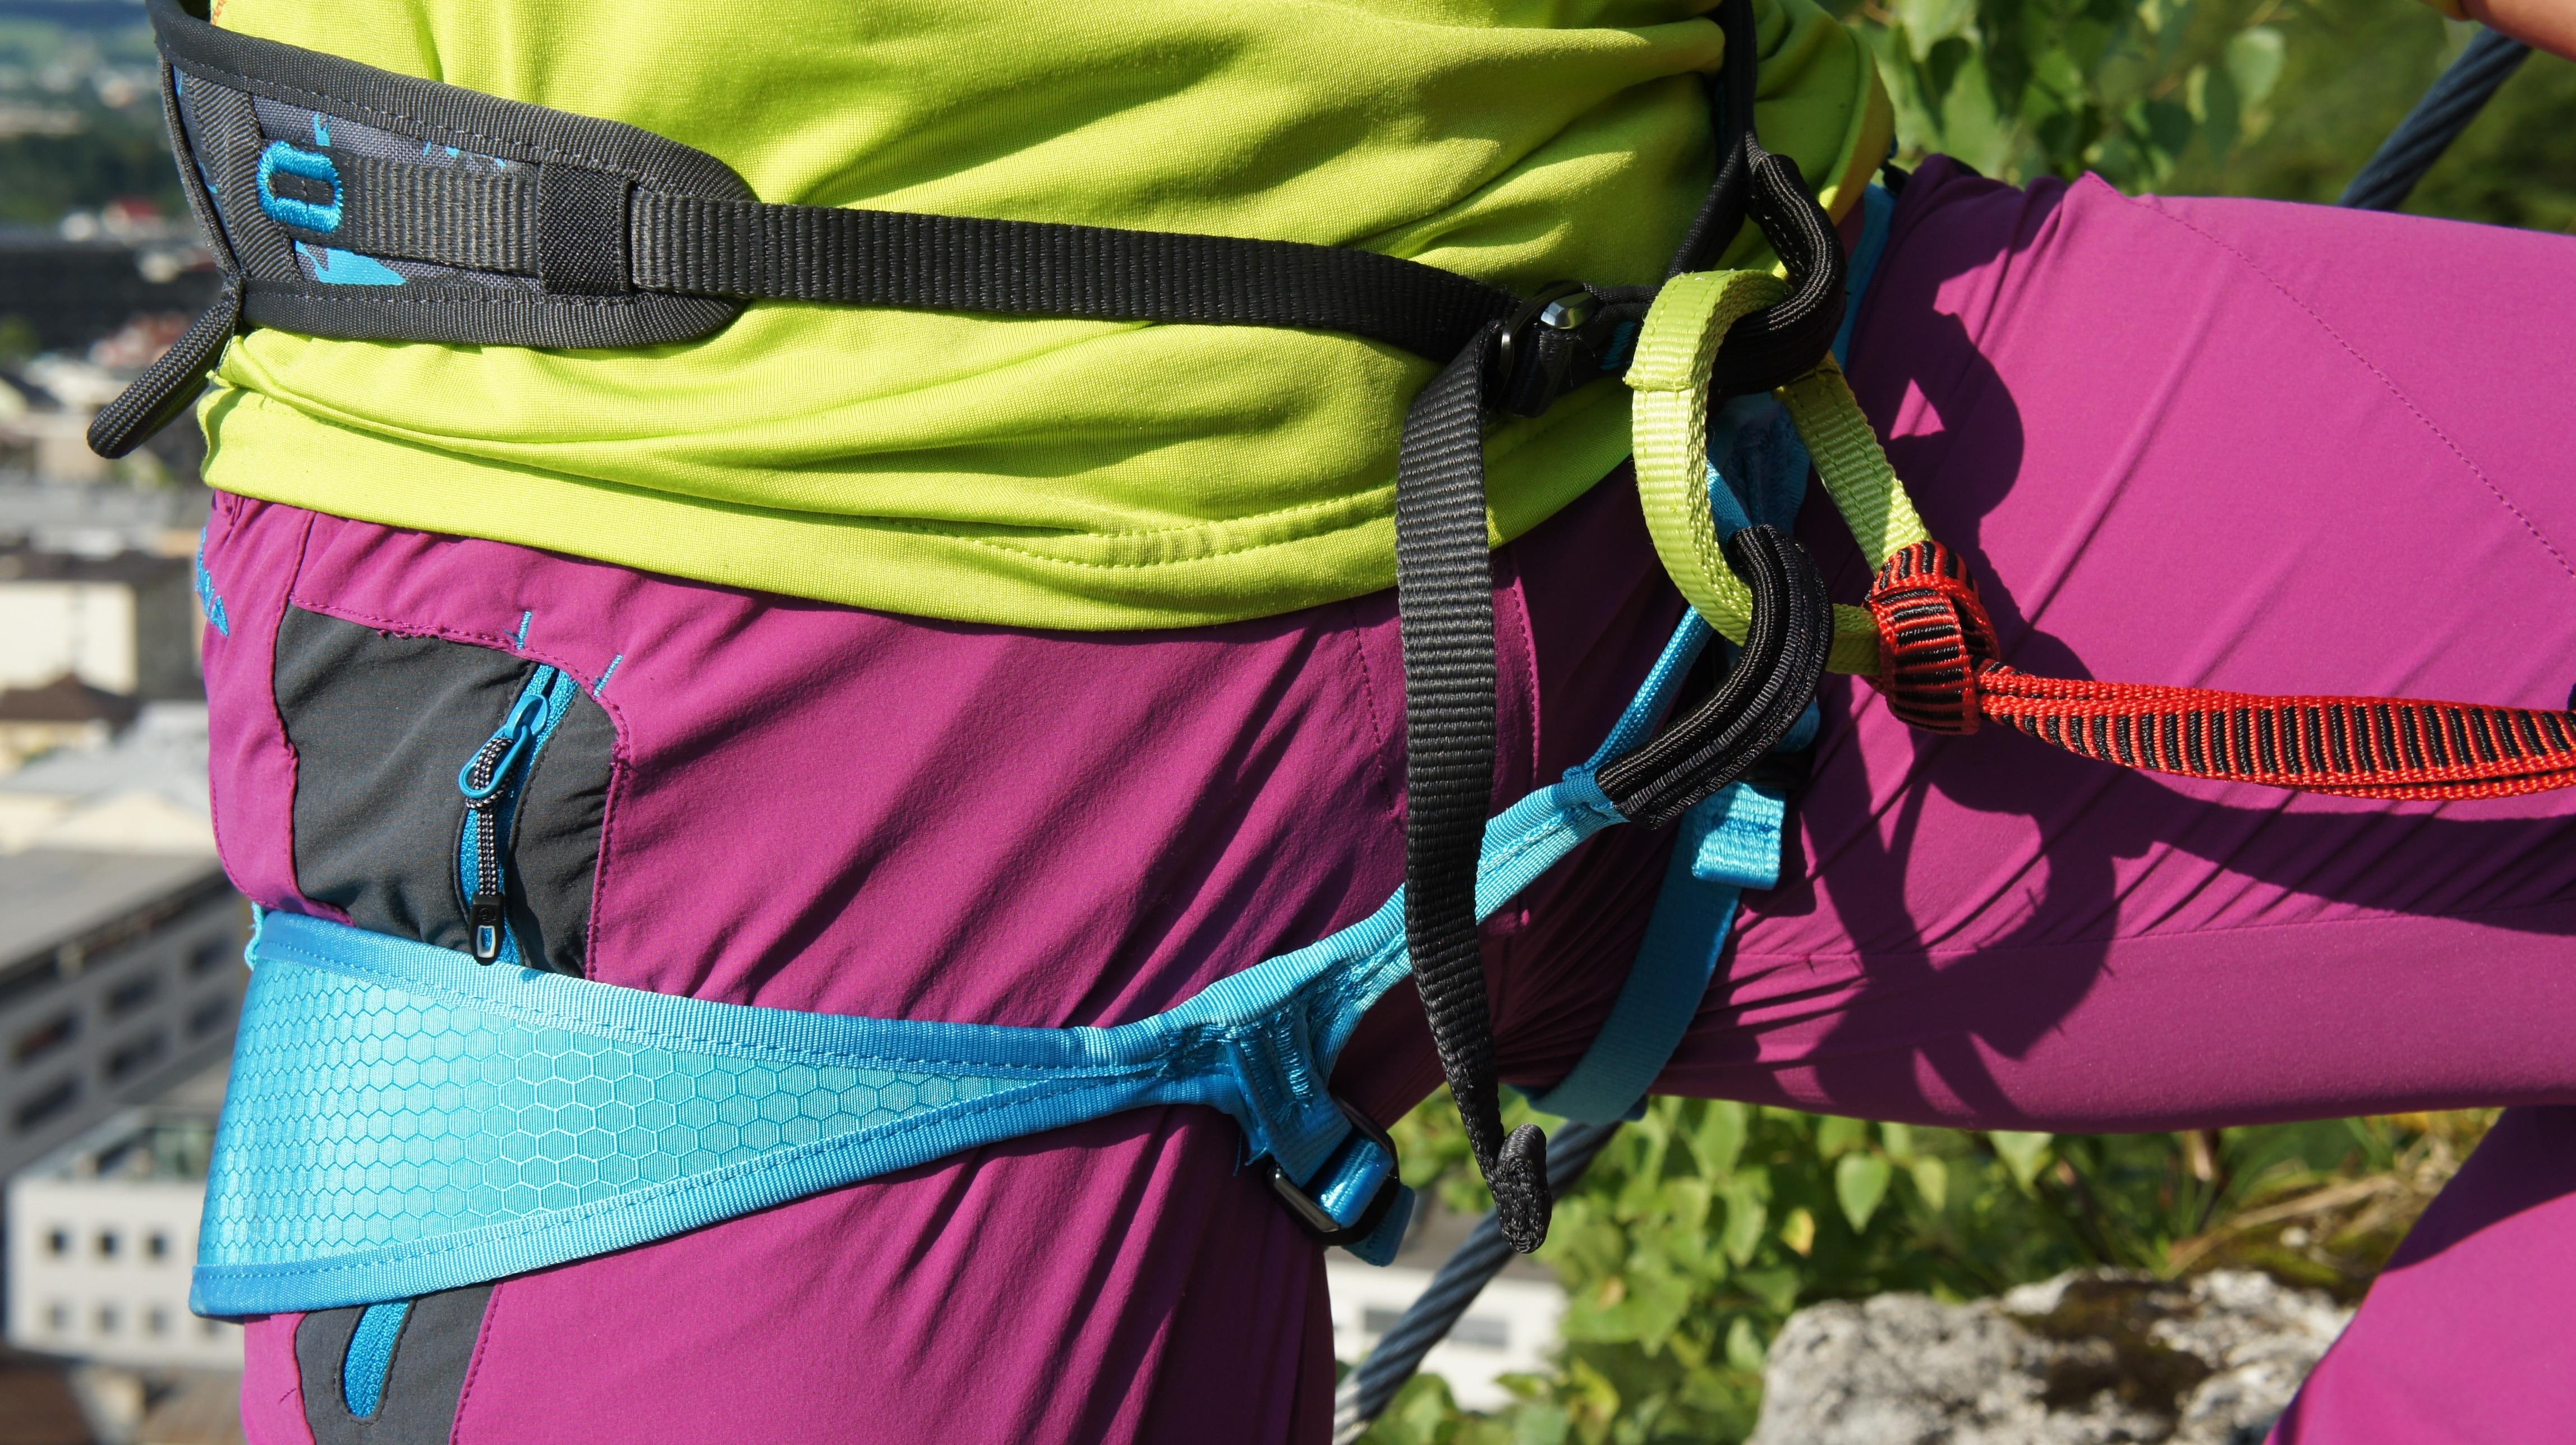 Klettergurte Für Klettersteig : Klettersteig archive outdoorfamilie